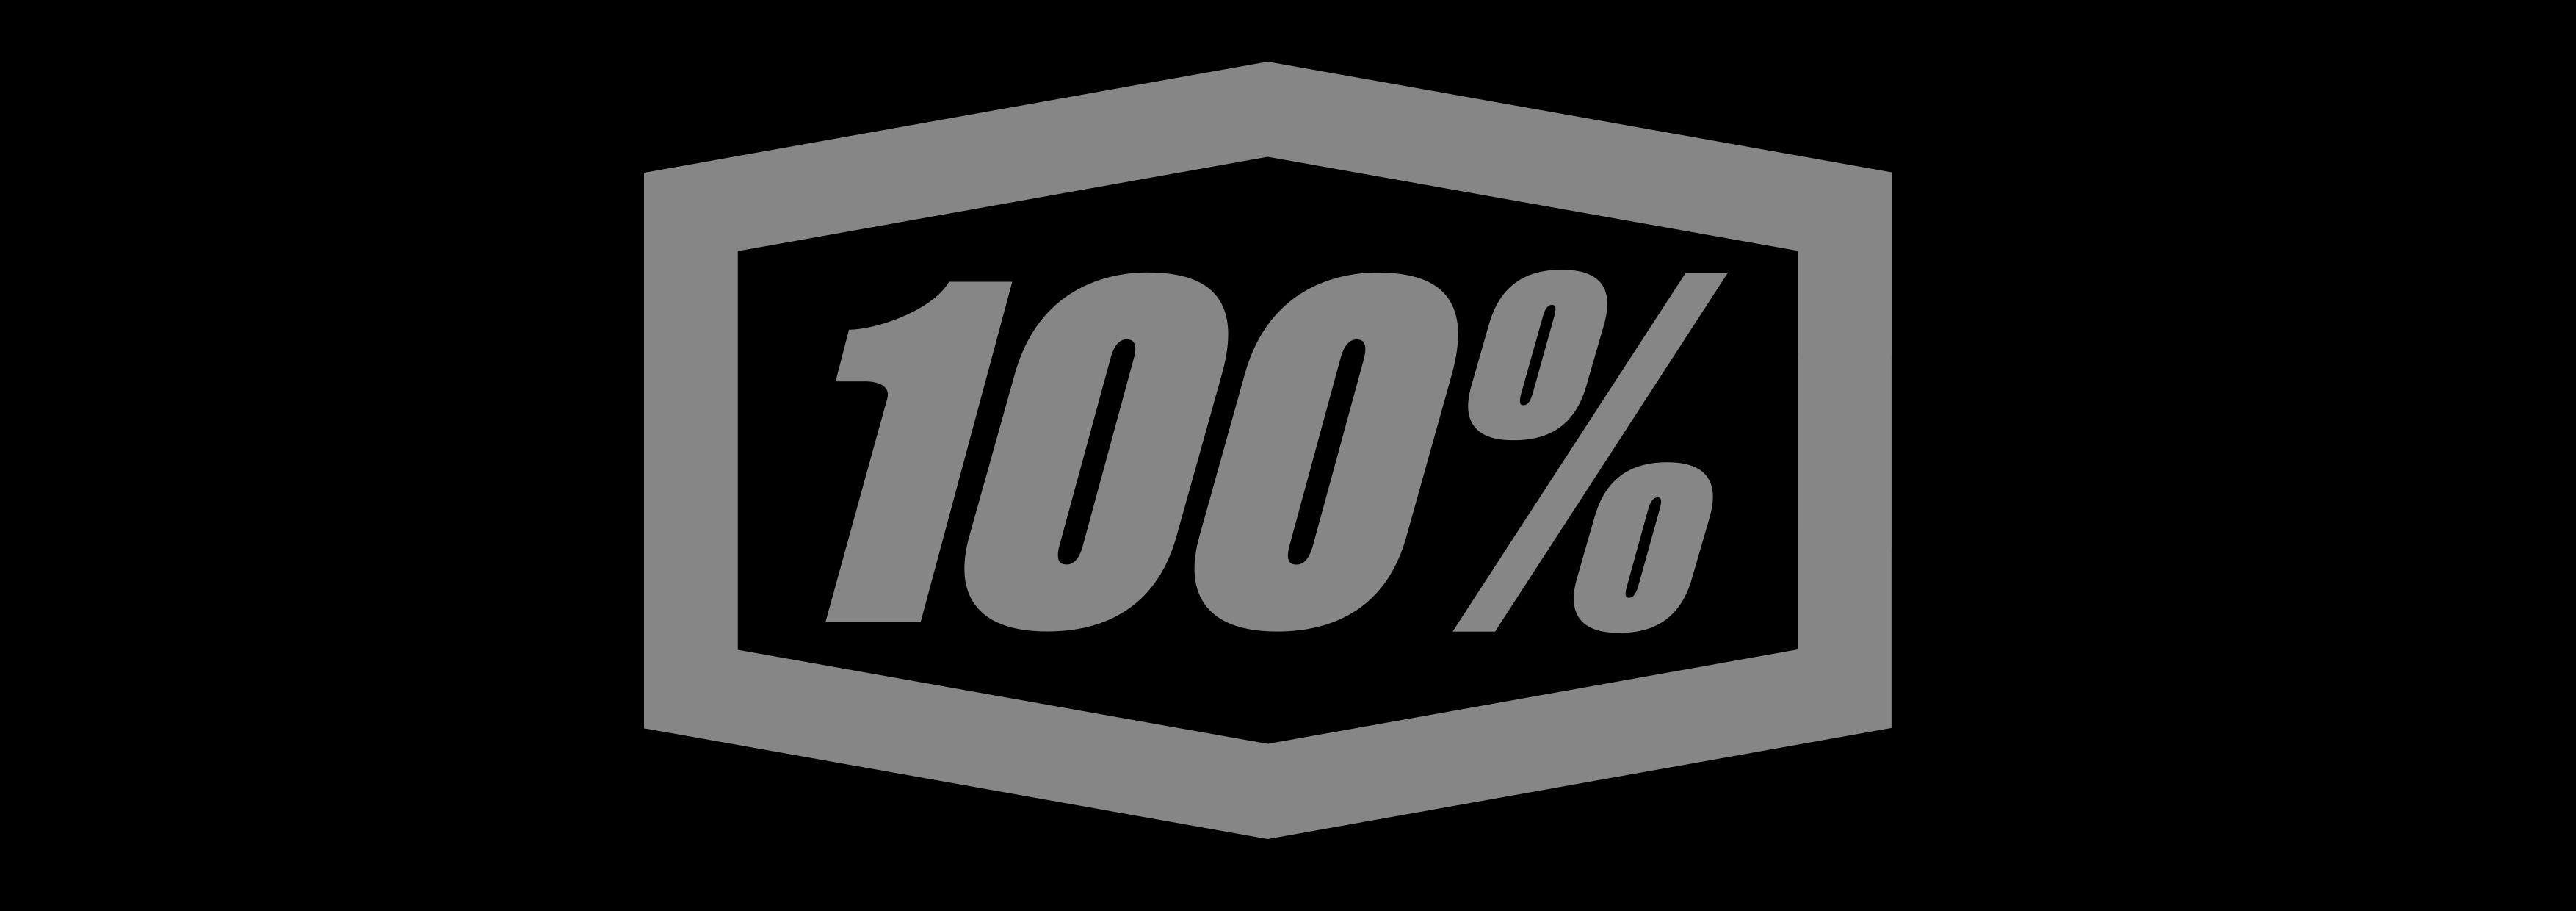 https://www.vantasport.com/category/7/%E0%B9%81%E0%B8%A7%E0%B9%88%E0%B8%99%E0%B8%95%E0%B8%B2%E0%B8%9B%E0%B8%B1%E0%B9%88%E0%B8%99%E0%B8%88%E0%B8%B1%E0%B8%81%E0%B8%A3%E0%B8%A2%E0%B8%B2%E0%B8%99-100